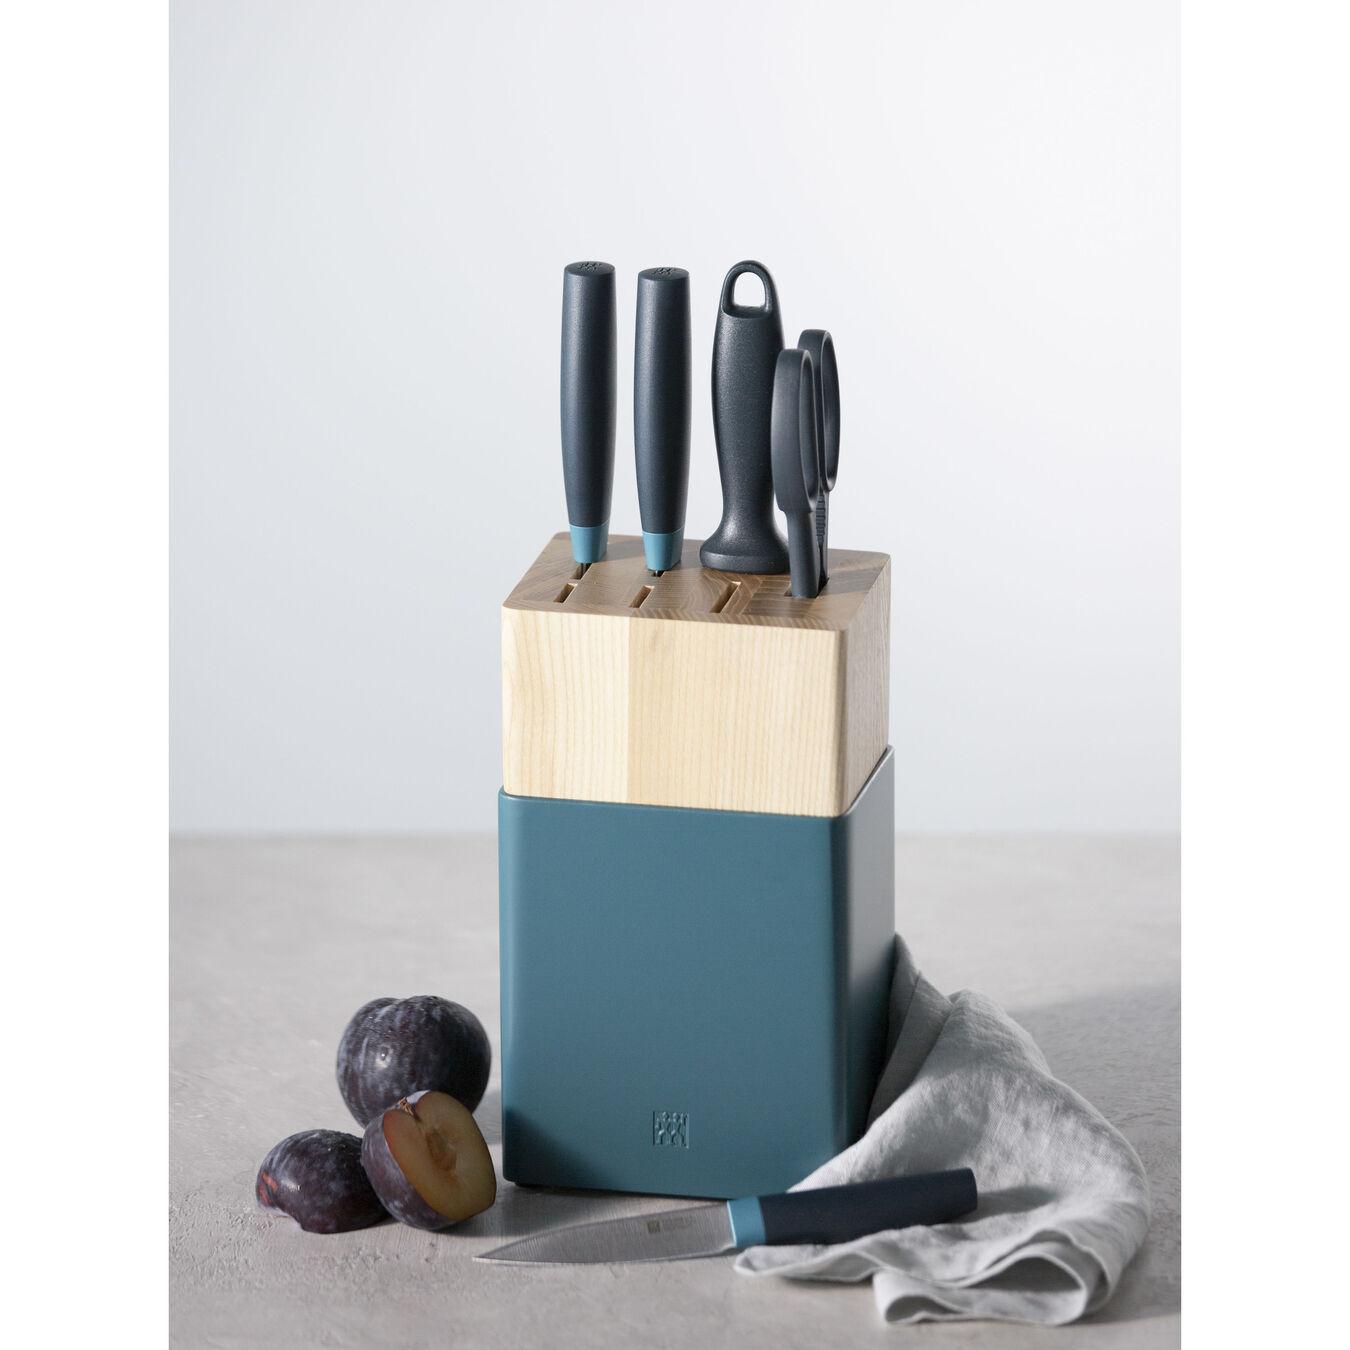 6-pc, Z Now S Knife Block Set, blueberry,,large 4